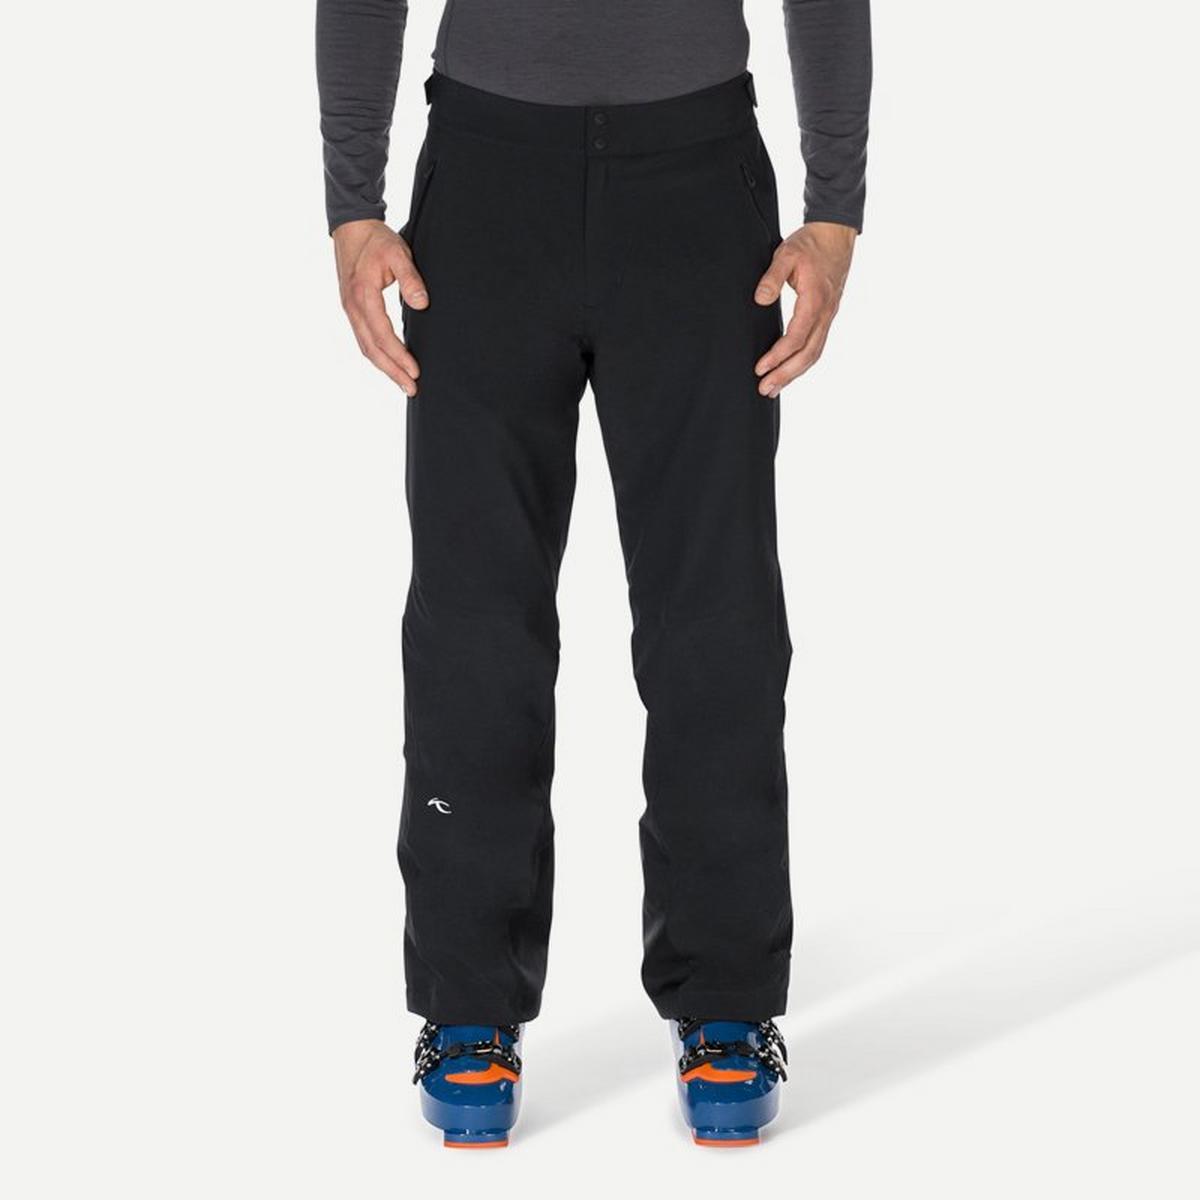 Kjus Men's Formula Trouser